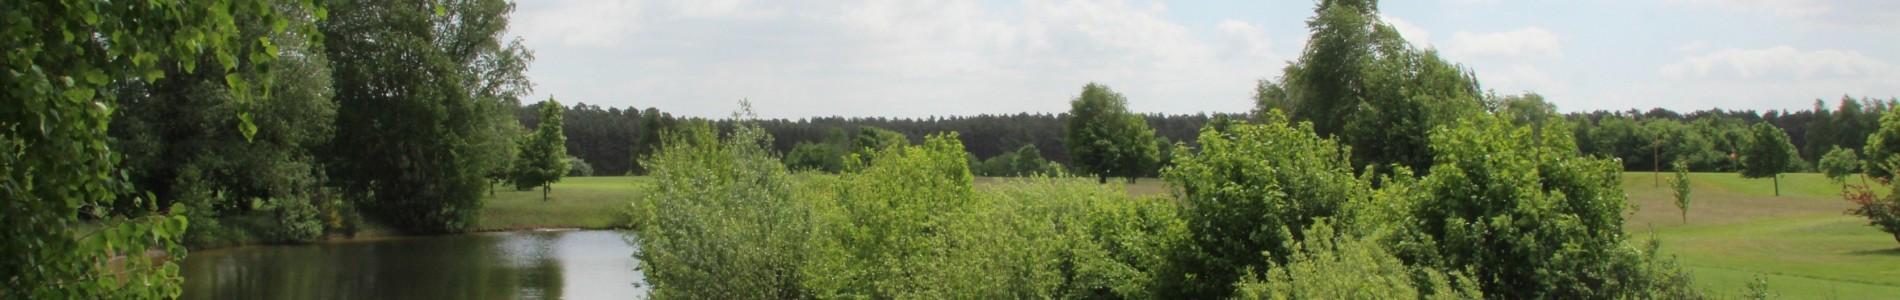 Landschaft auf der Golfanlage Kallin